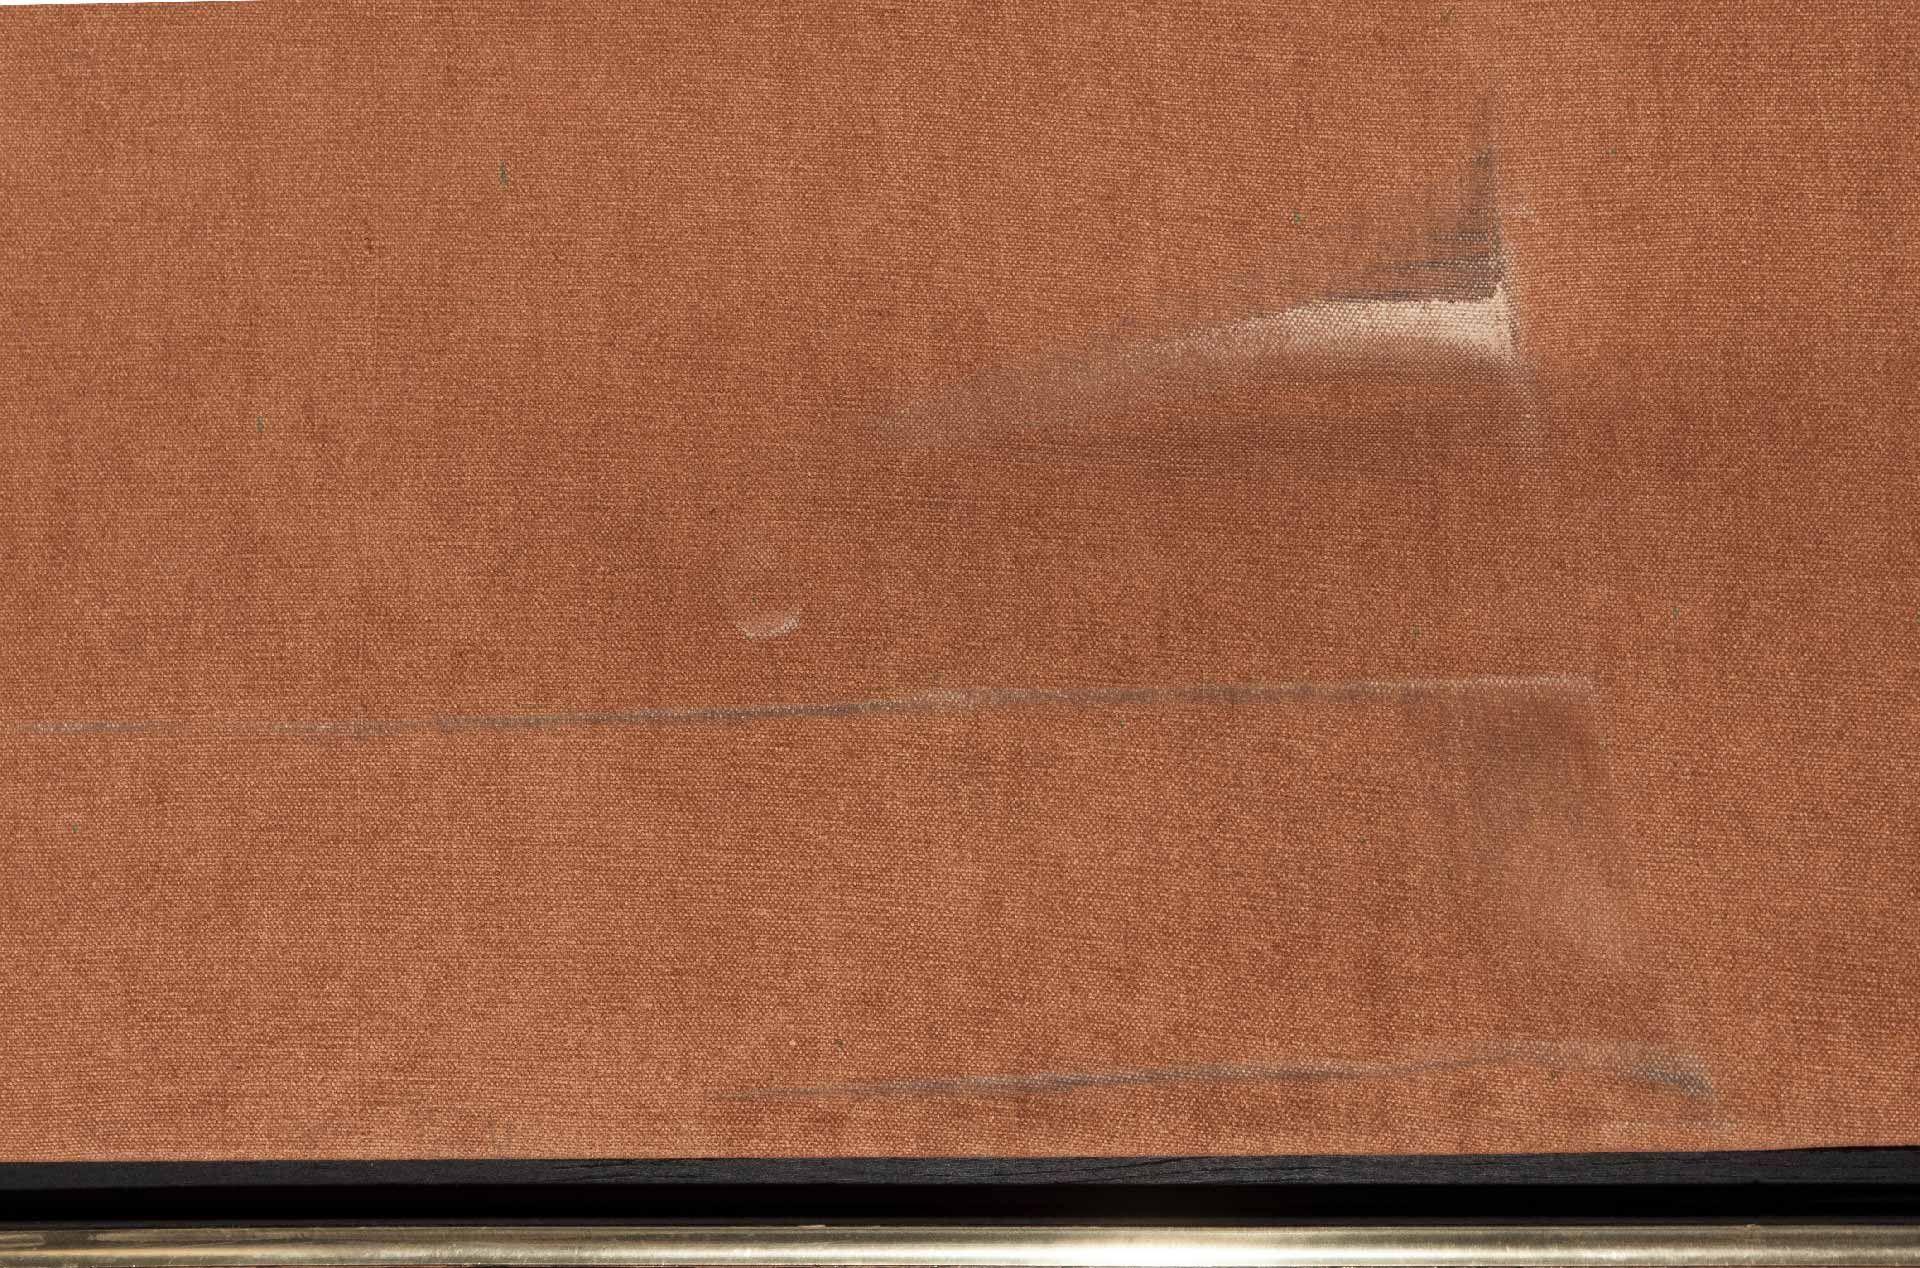 Dans la région inférieure du tableau, l'impact a causé à plusieurs endroits l'usure de la matière picturale et un transfert de saletés sur les fibres de la toile.